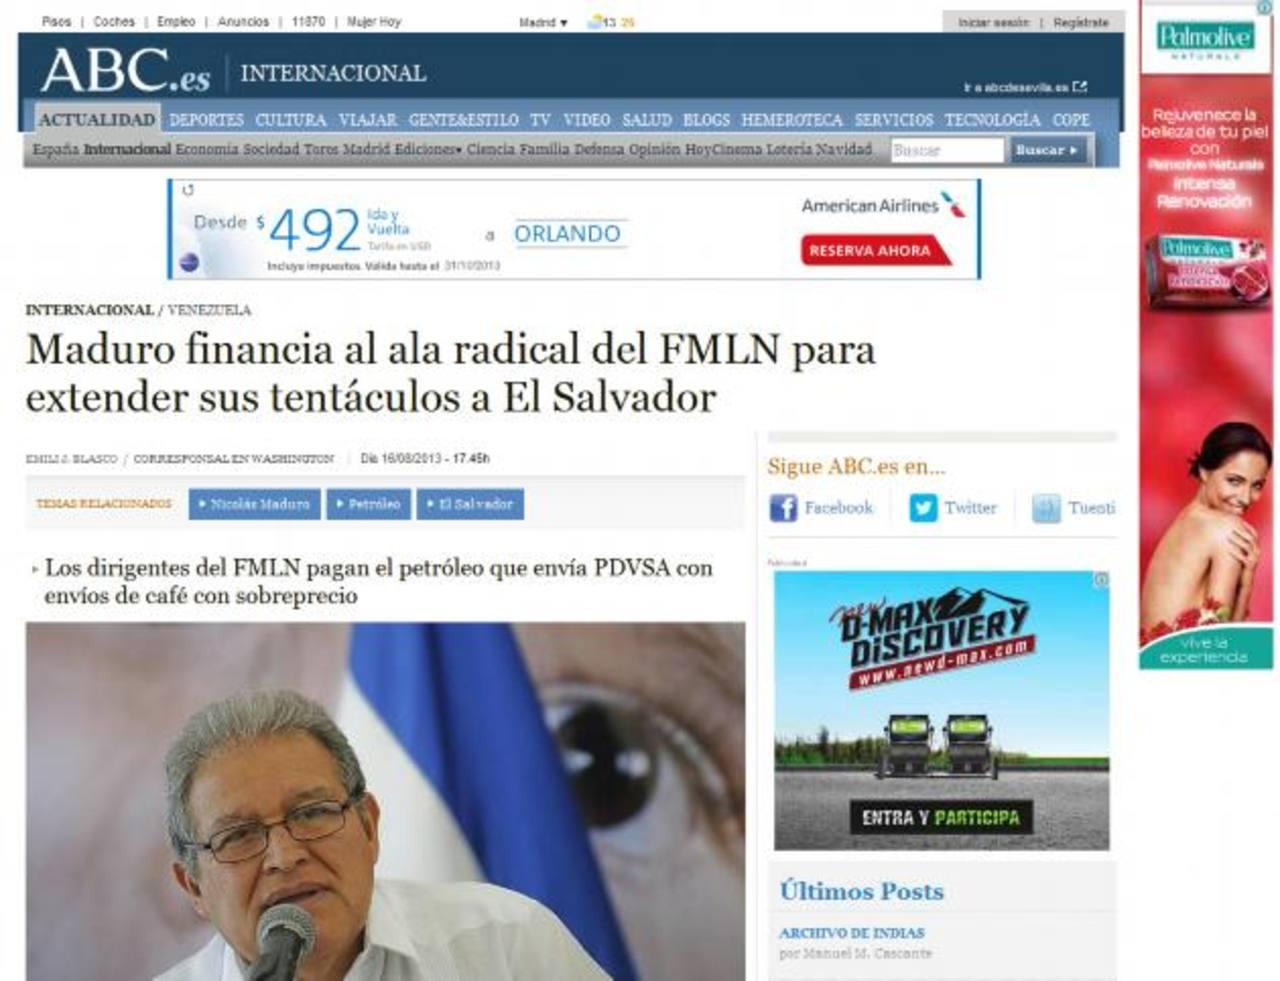 Publicación del español ABC, en la que el corresponsal en Washington revela detalles de la relación Maduro-FMLN.